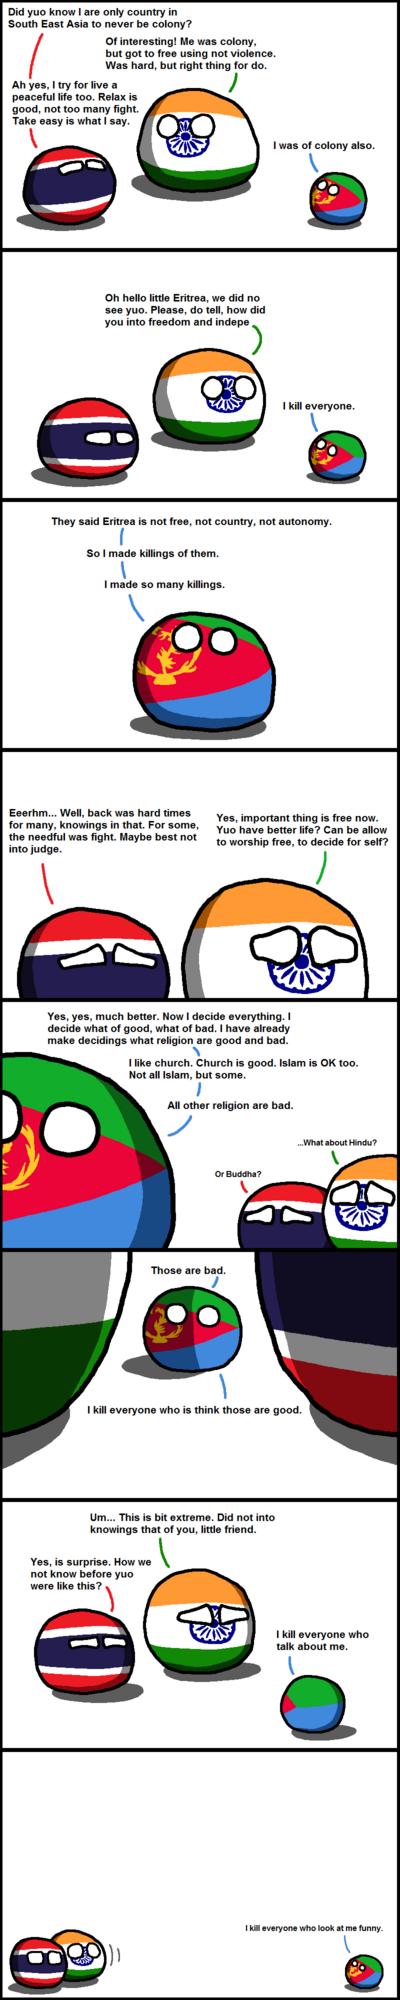 Eritrea is Batshit Crazy